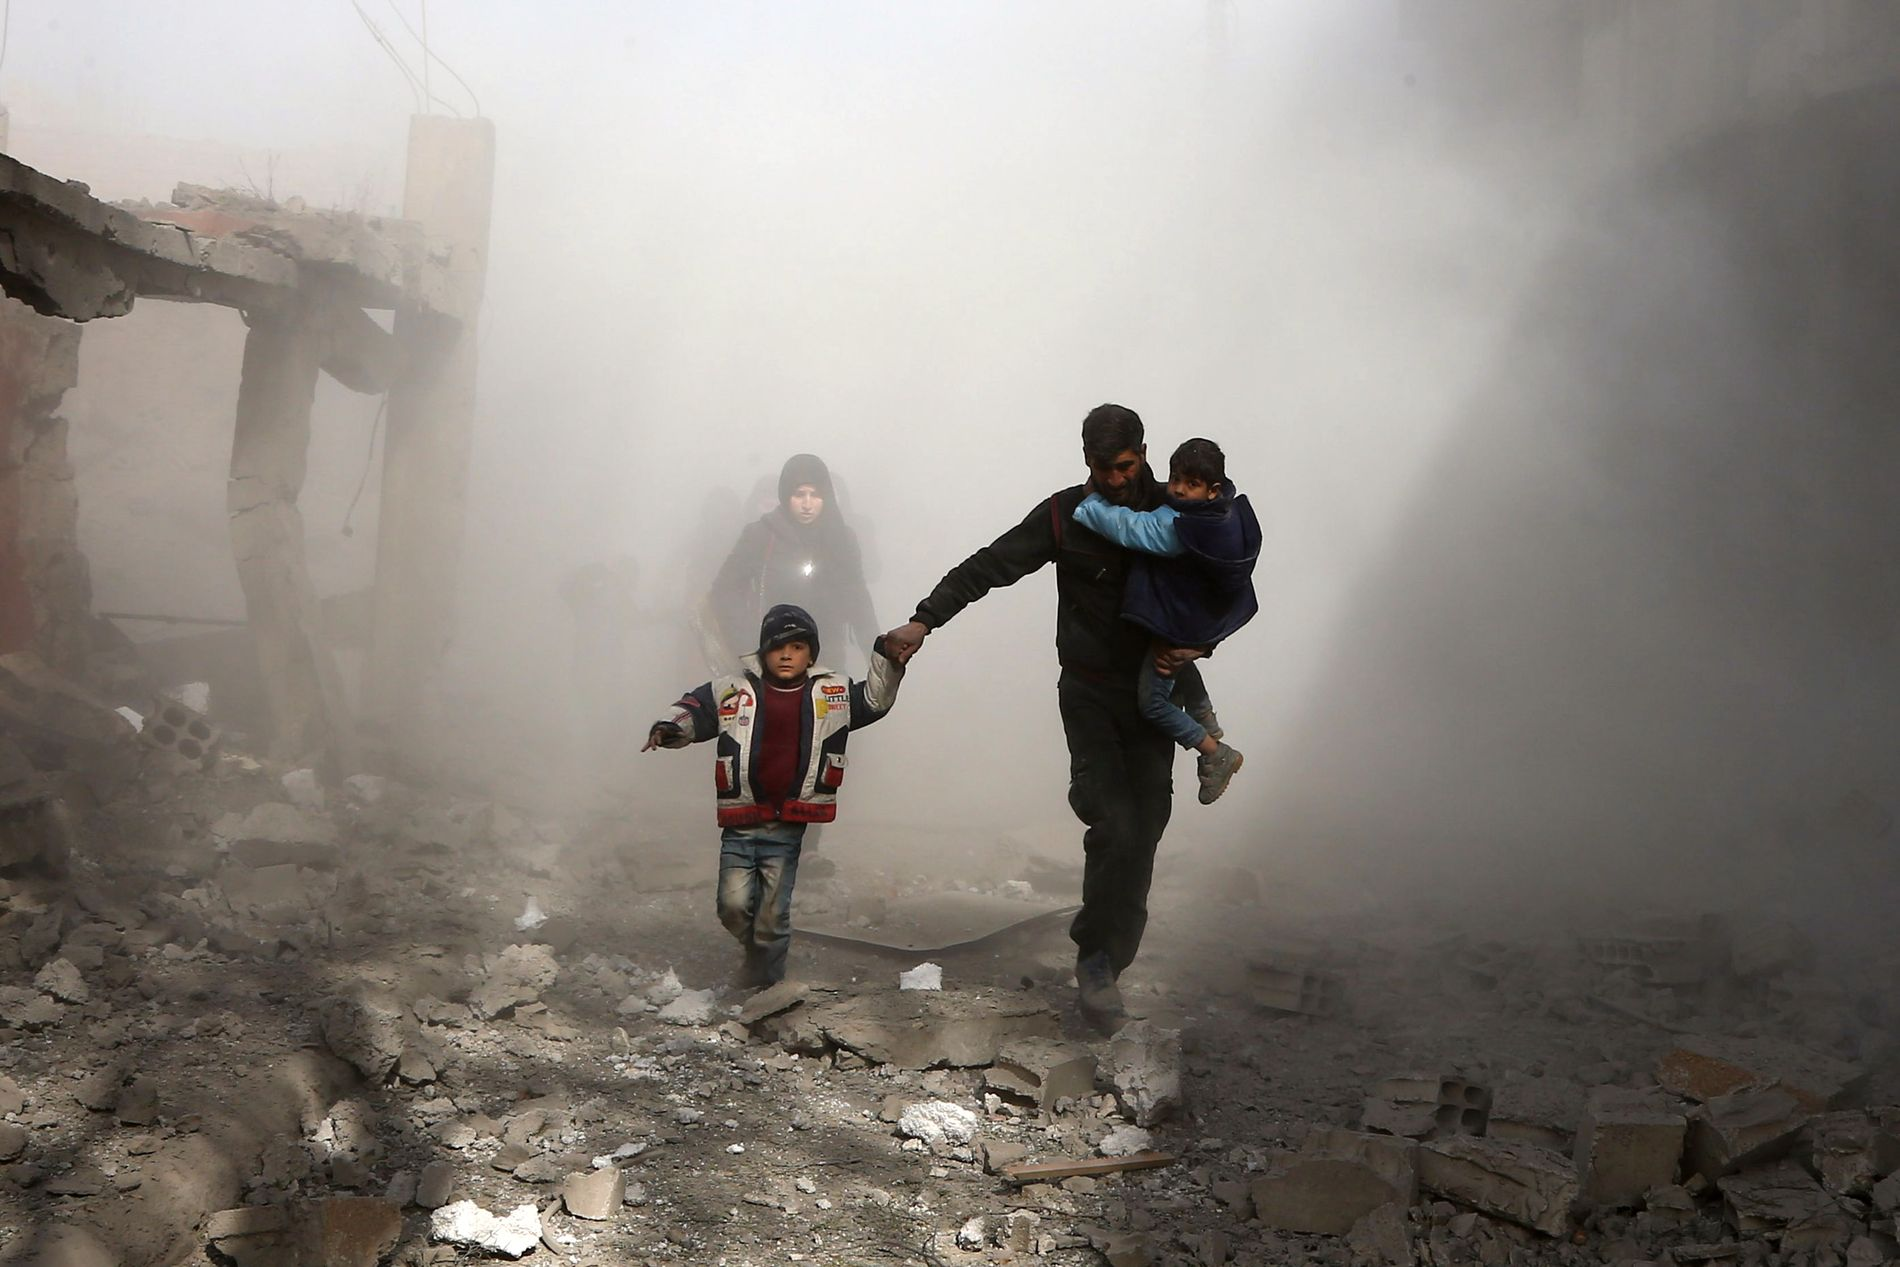 FLYKTER: Syriske sivile flykter etter nye angrep fra syriske regimestyrker i byen Jisreen i enklaven Øst-Ghouta like ved Damaskus. Siden søndag i forrige uke er over 400 mennesker drept i området, melder SOHR.